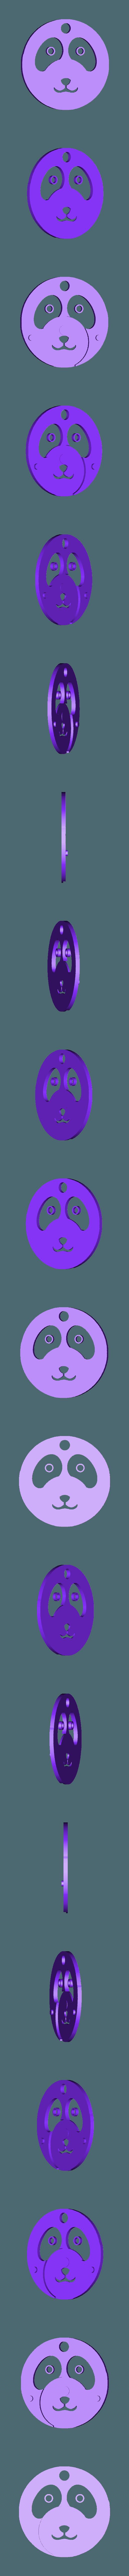 Panda - Blanc.stl Télécharger fichier STL gratuit Porte-Clé Panda • Design imprimable en 3D, EscapeTechno